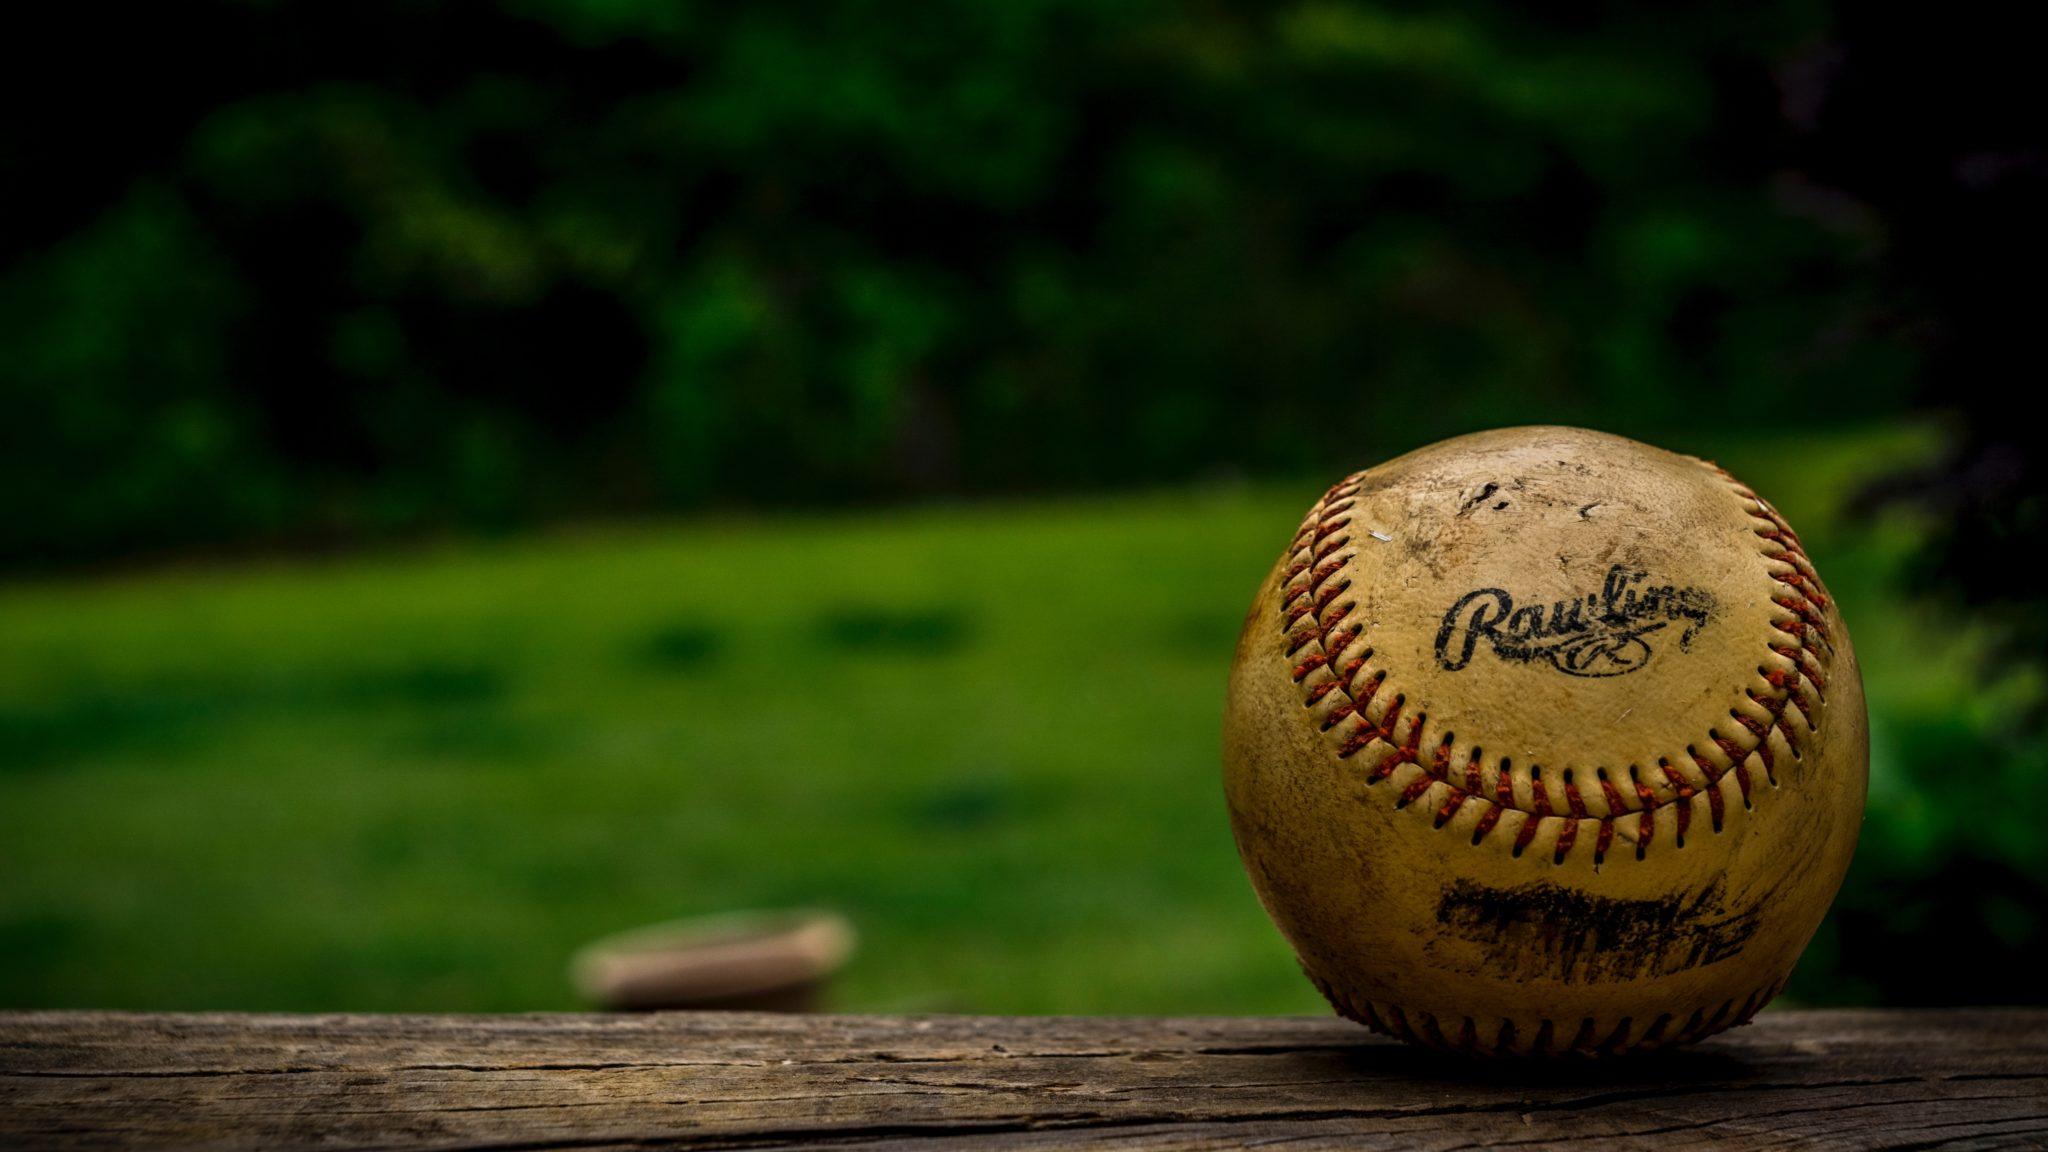 baseball history facts